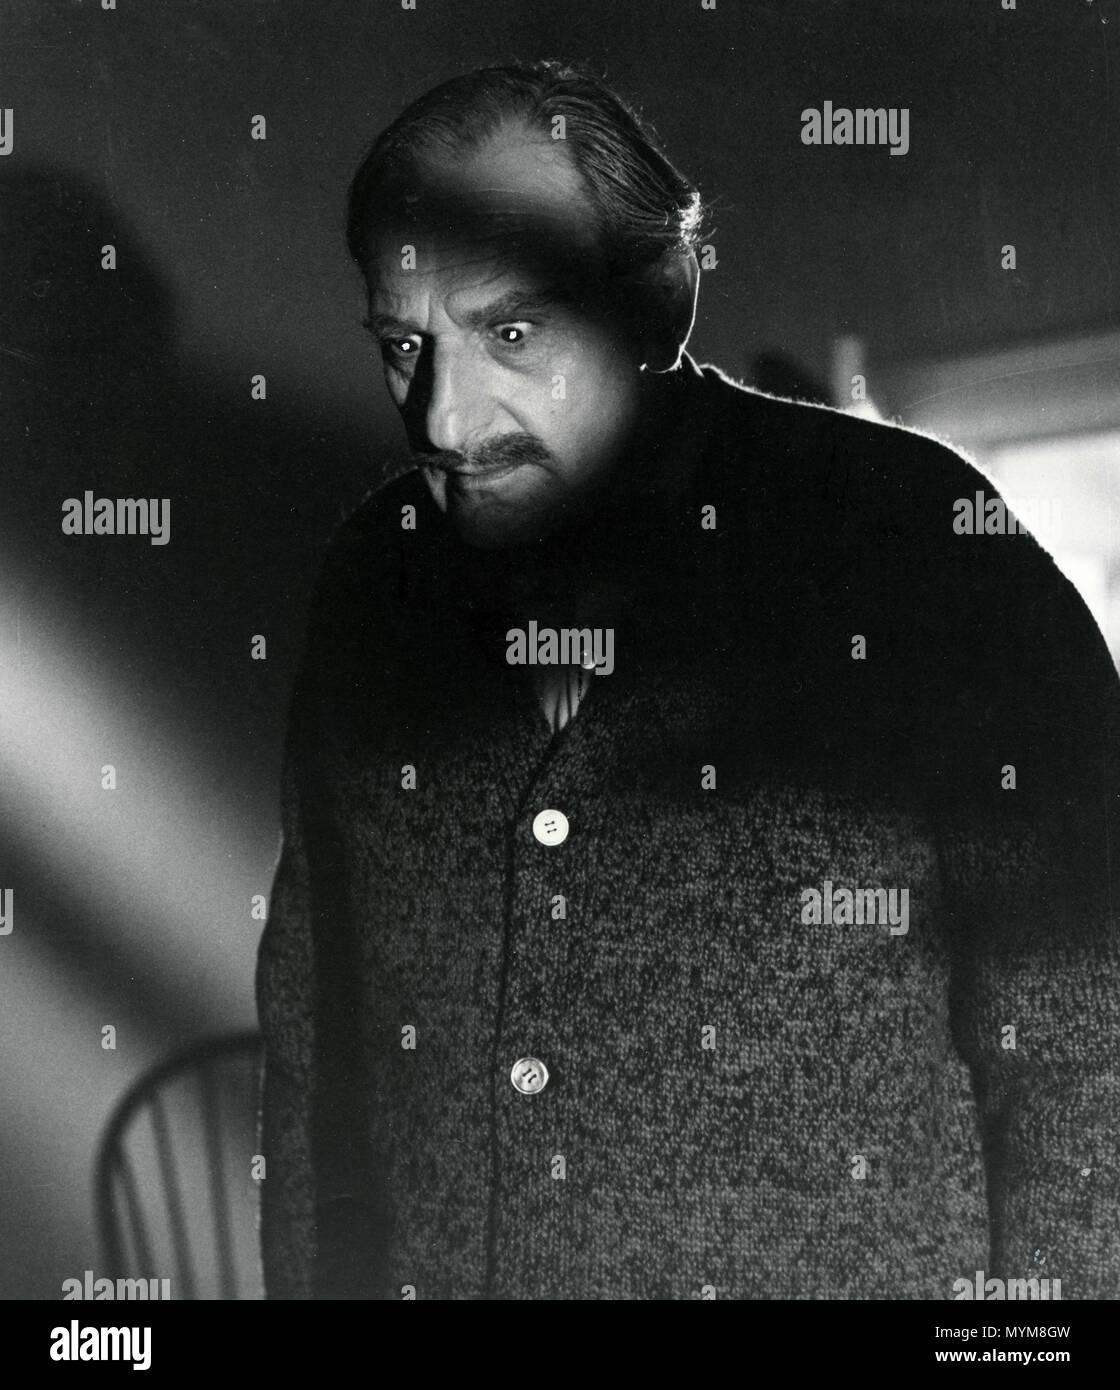 Danish actor Bjørn Spiro in the movie Gys Og Gaeve Tanter, Danmark 1966 - Stock Image